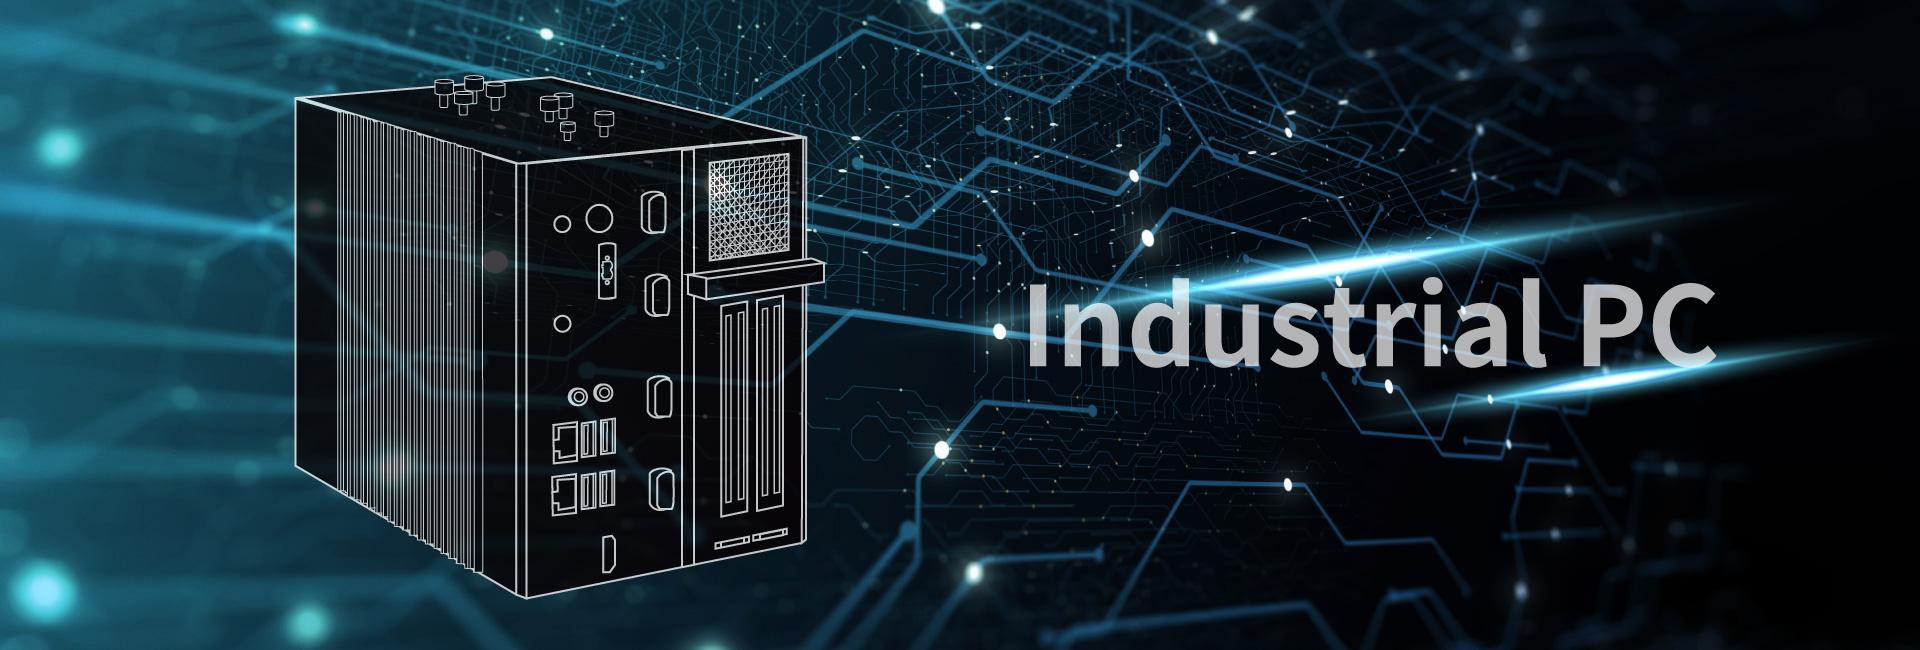 Industrial PCs